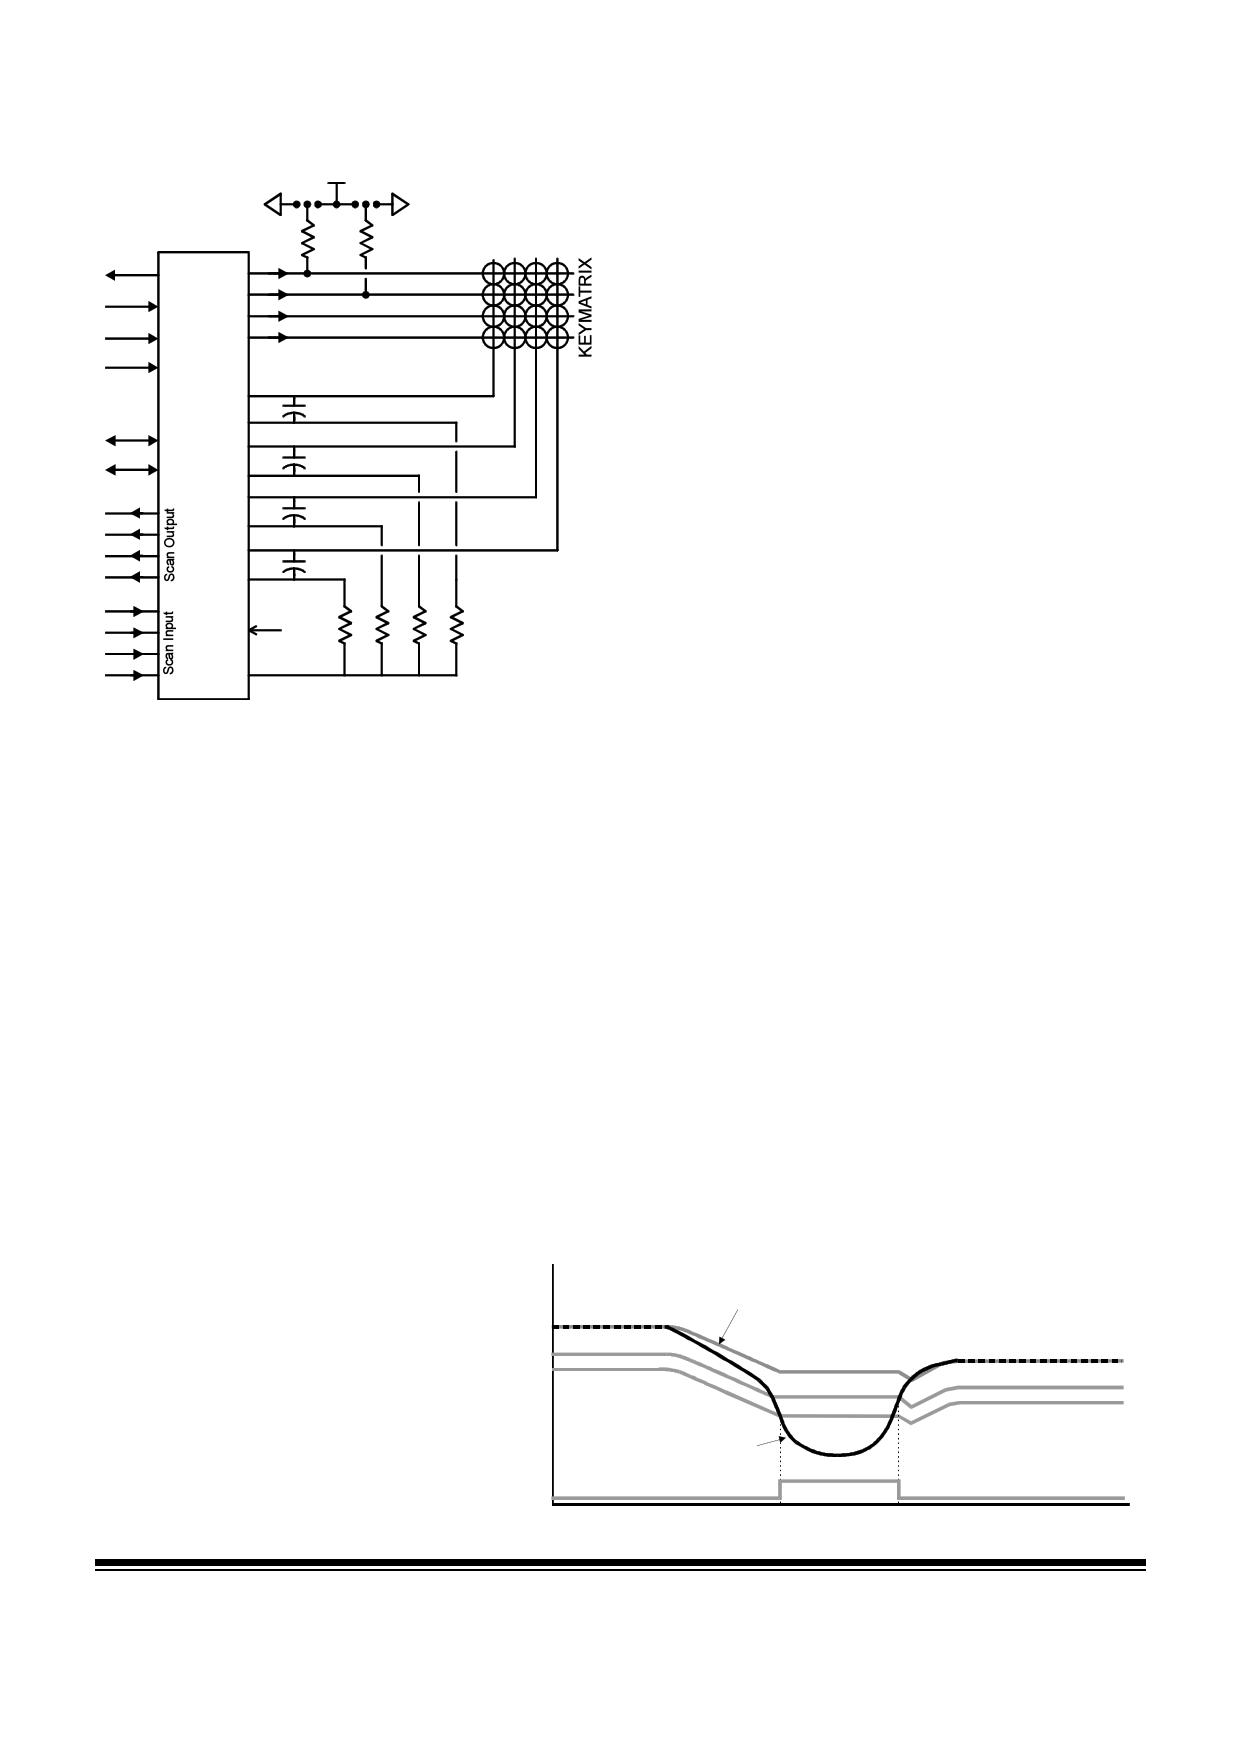 QT60161B pdf